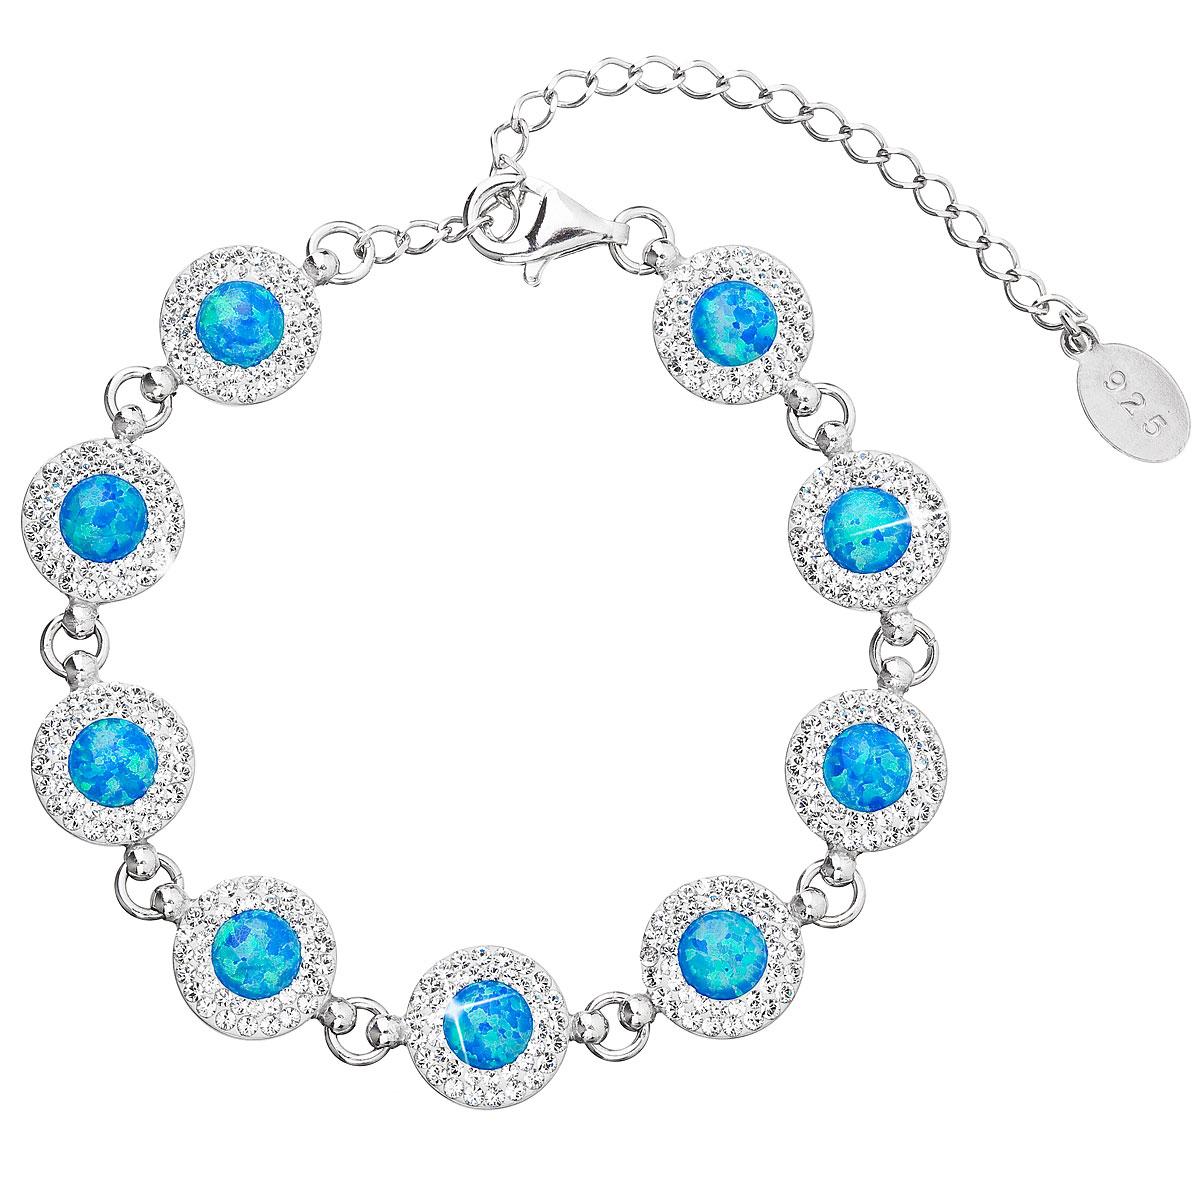 Evolution Group Stříbrný náramek se syntetickým opálem a krystaly Swarovski modrý 33105.1, dárkové balení